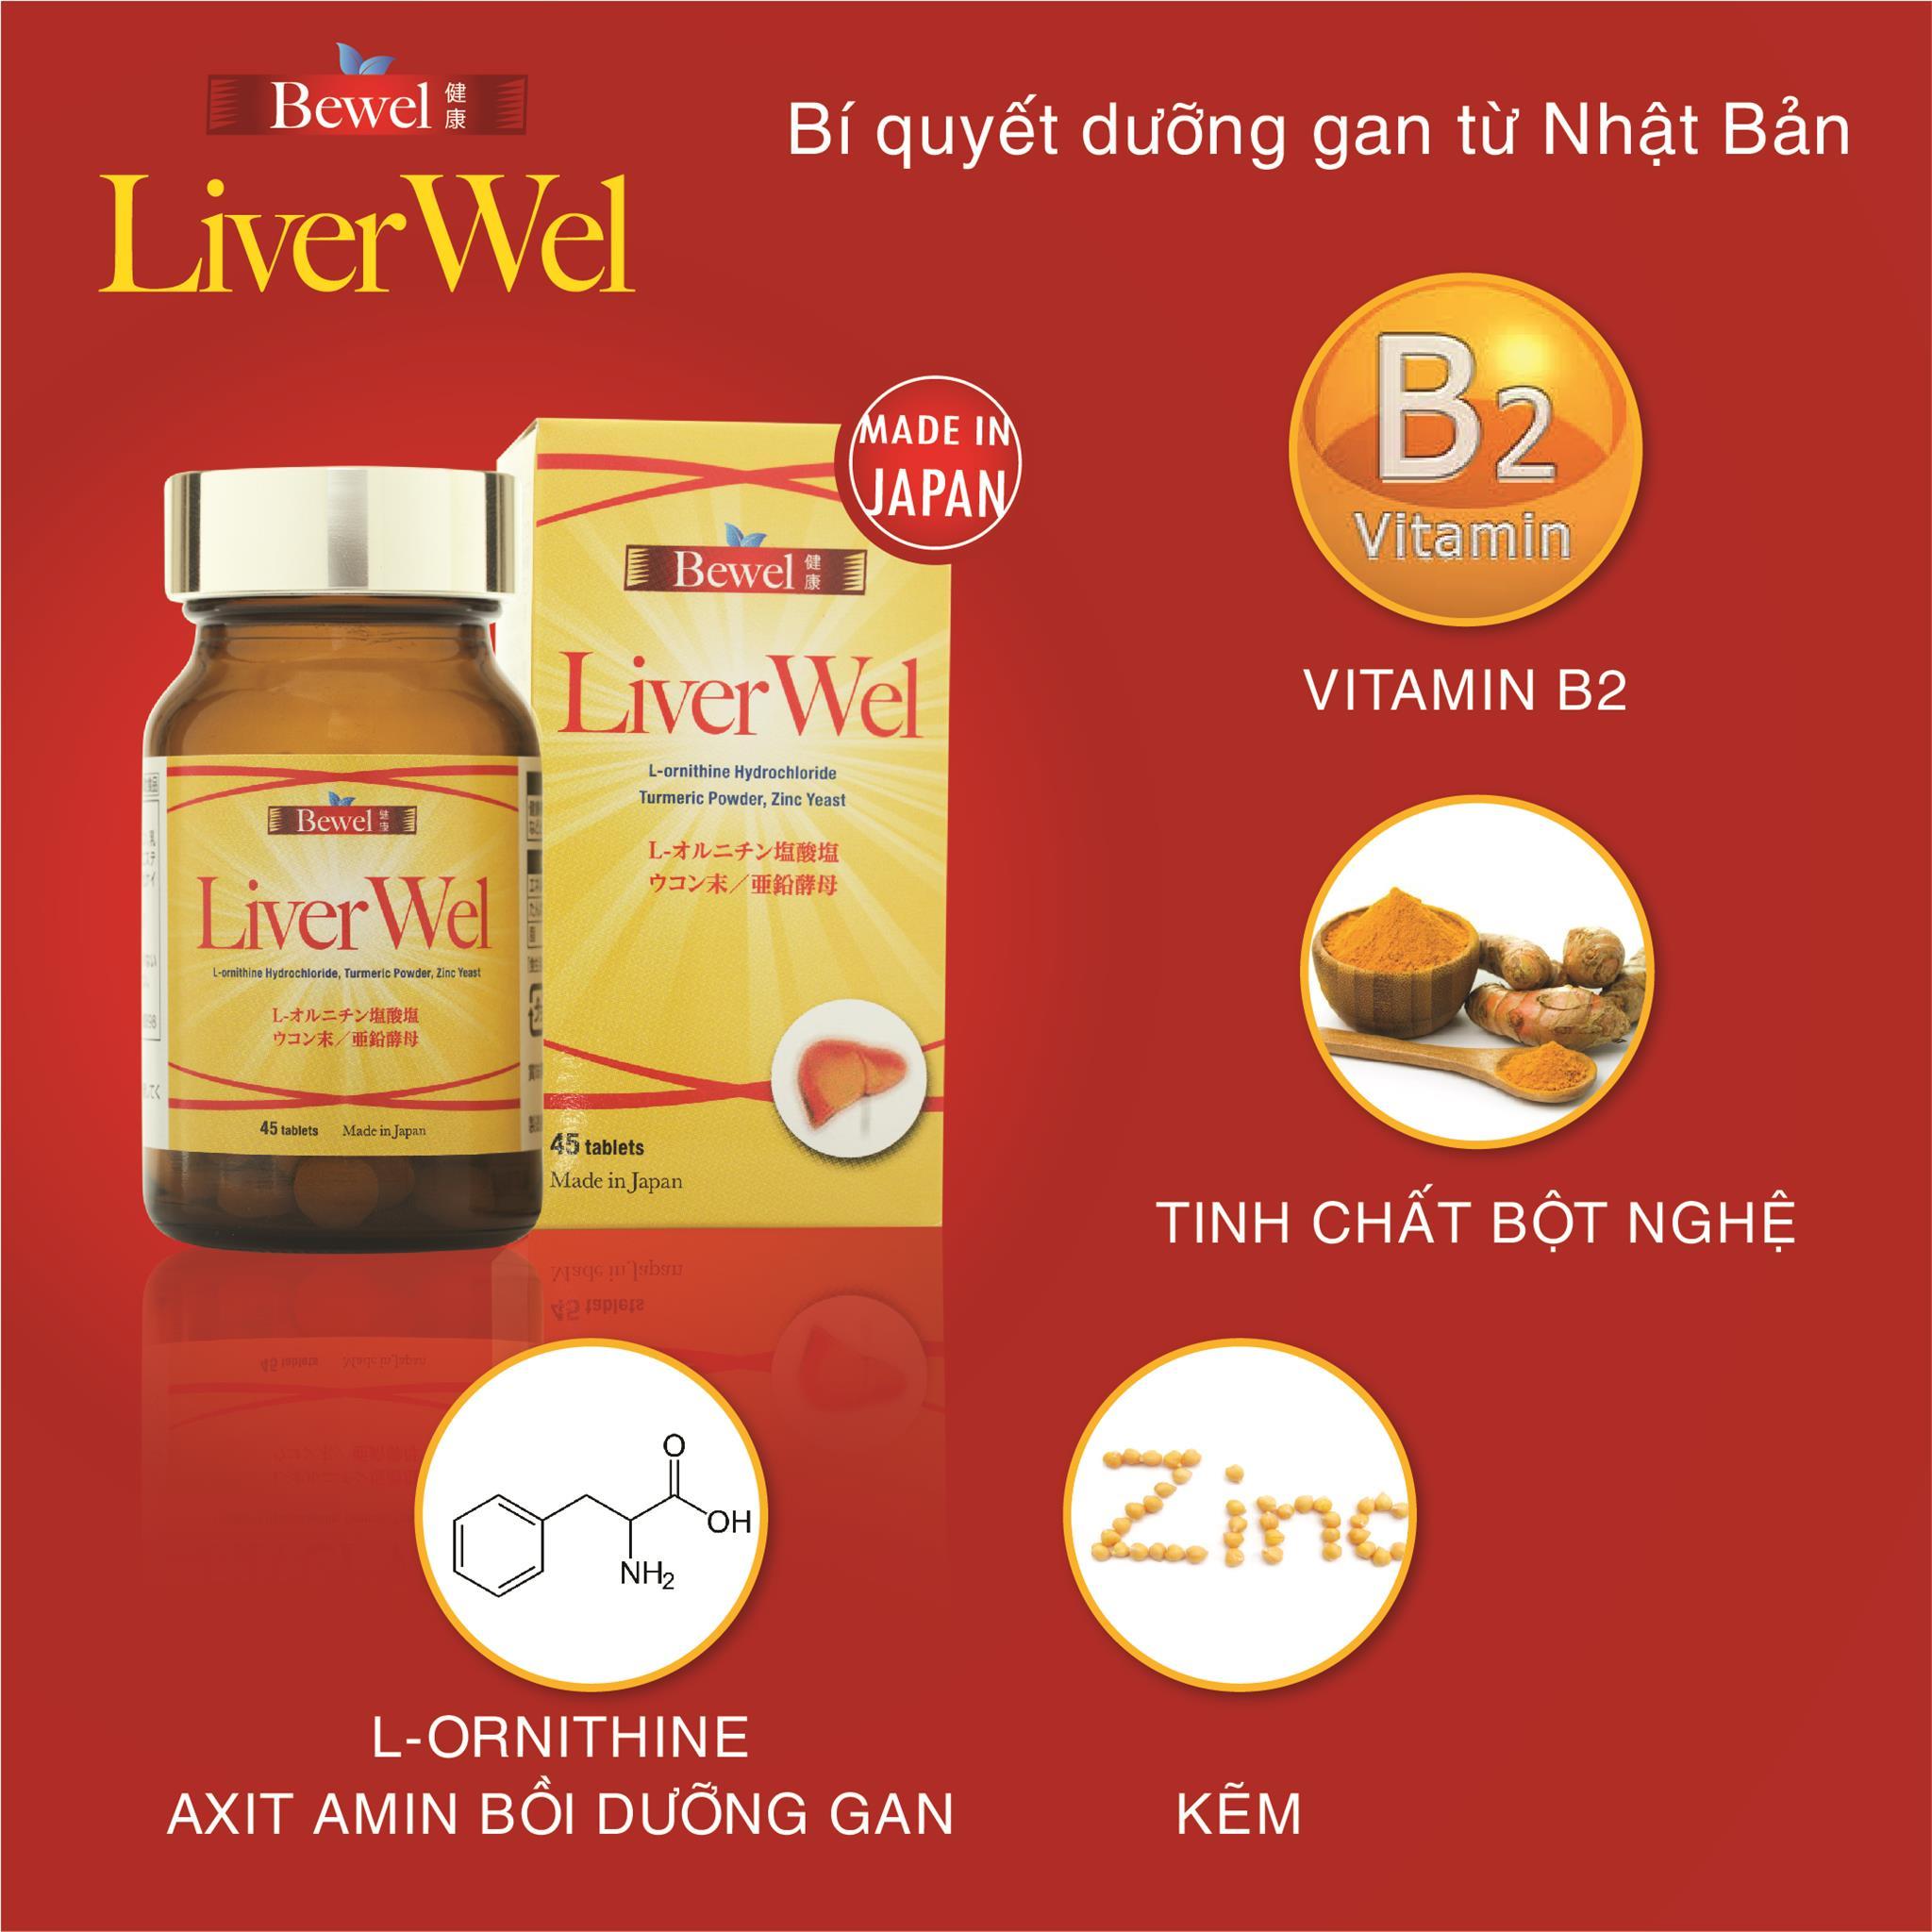 Image result for bewel liver wel